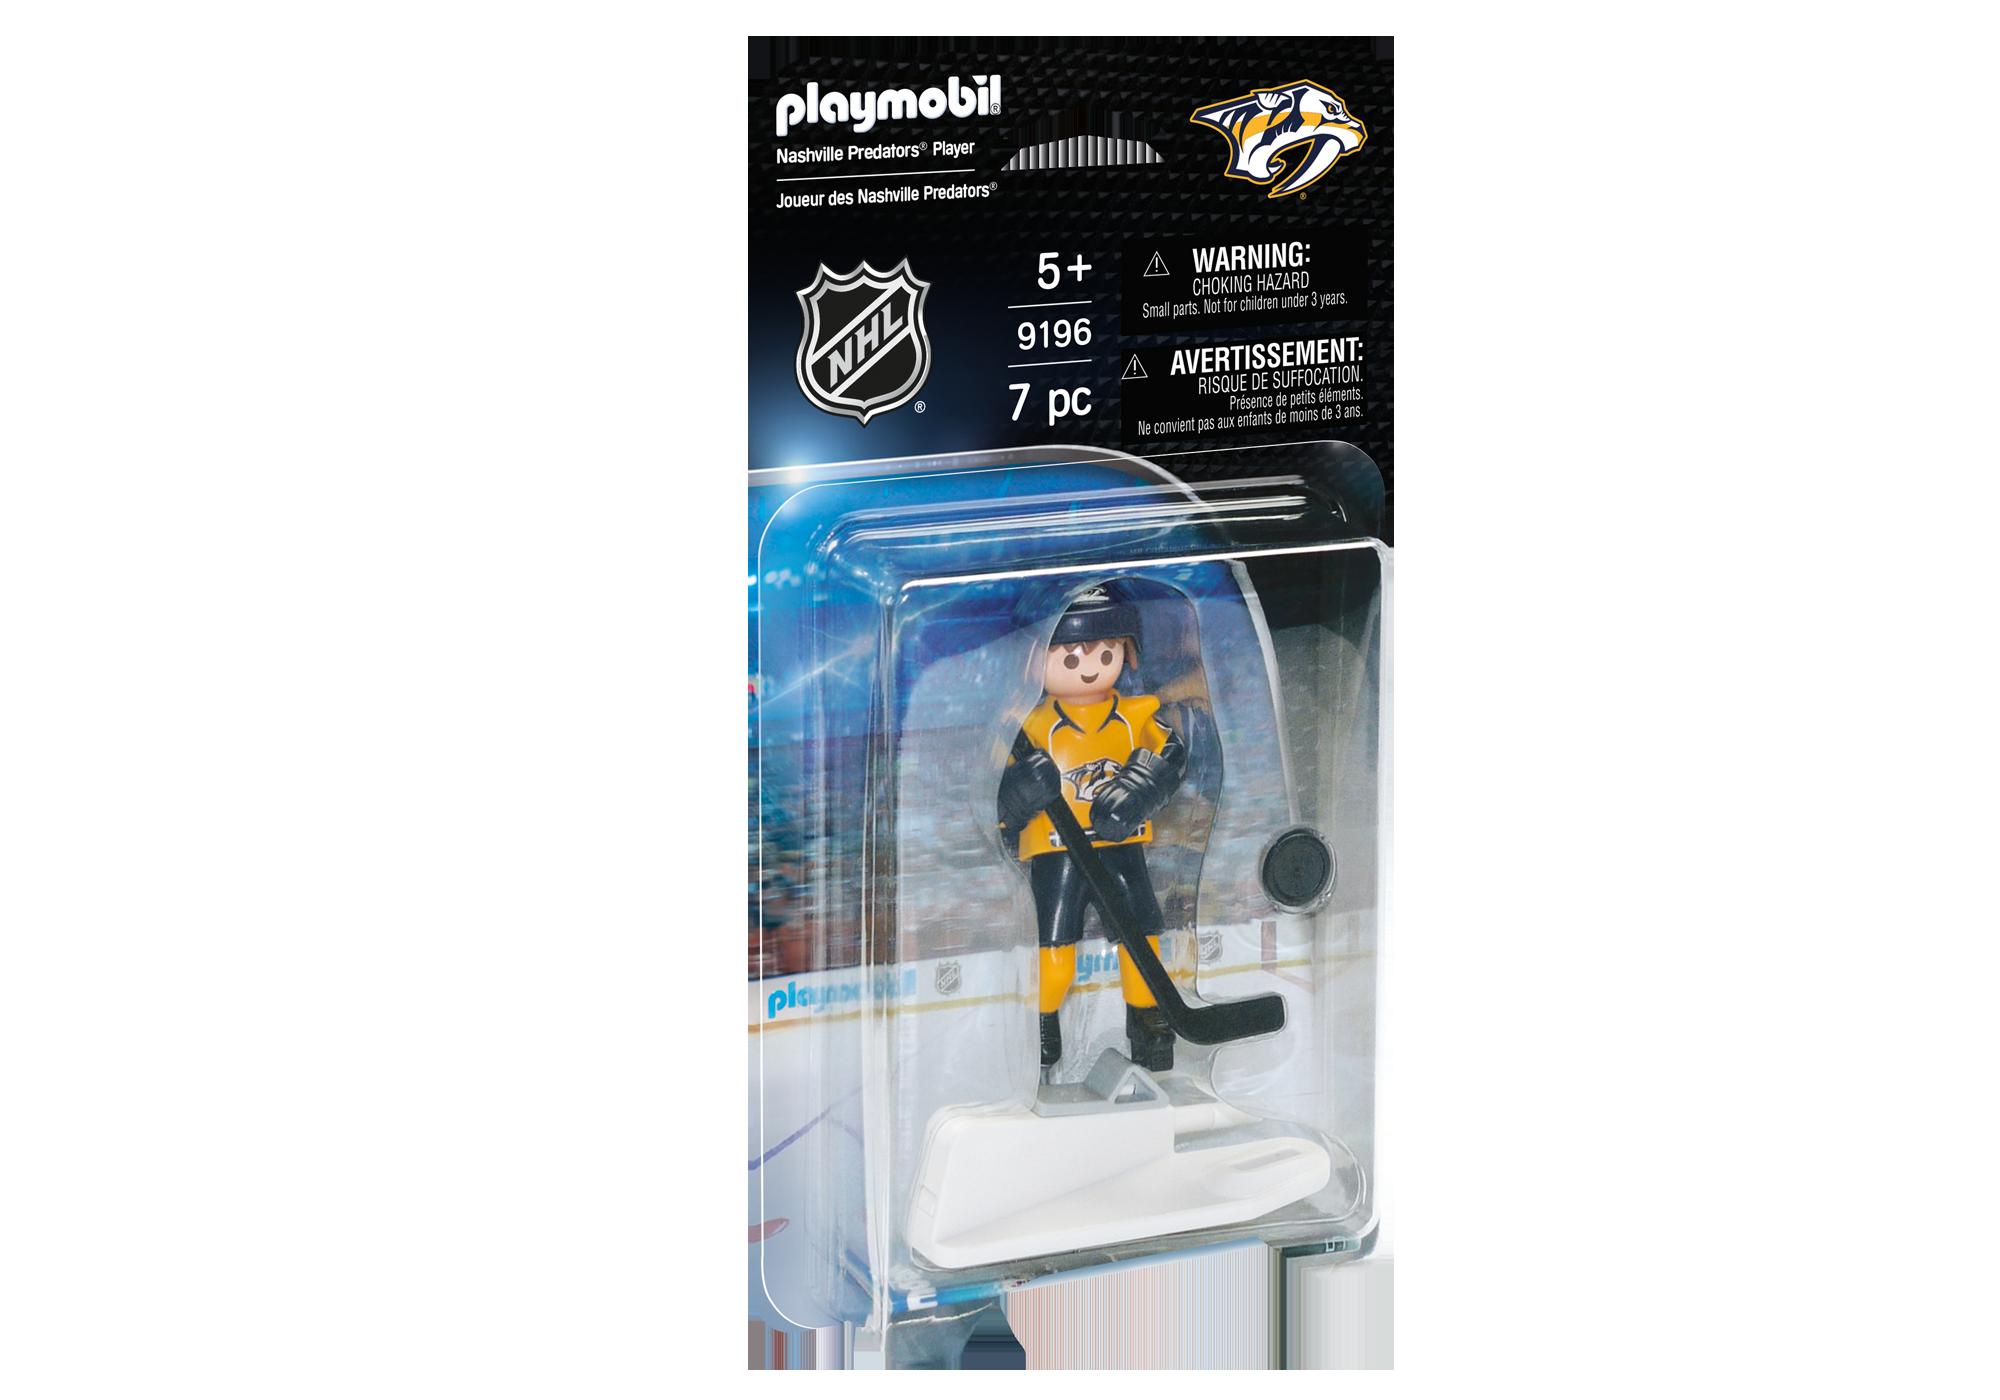 http://media.playmobil.com/i/playmobil/9196_product_box_front/NHL™ Nashville Predators™ Player